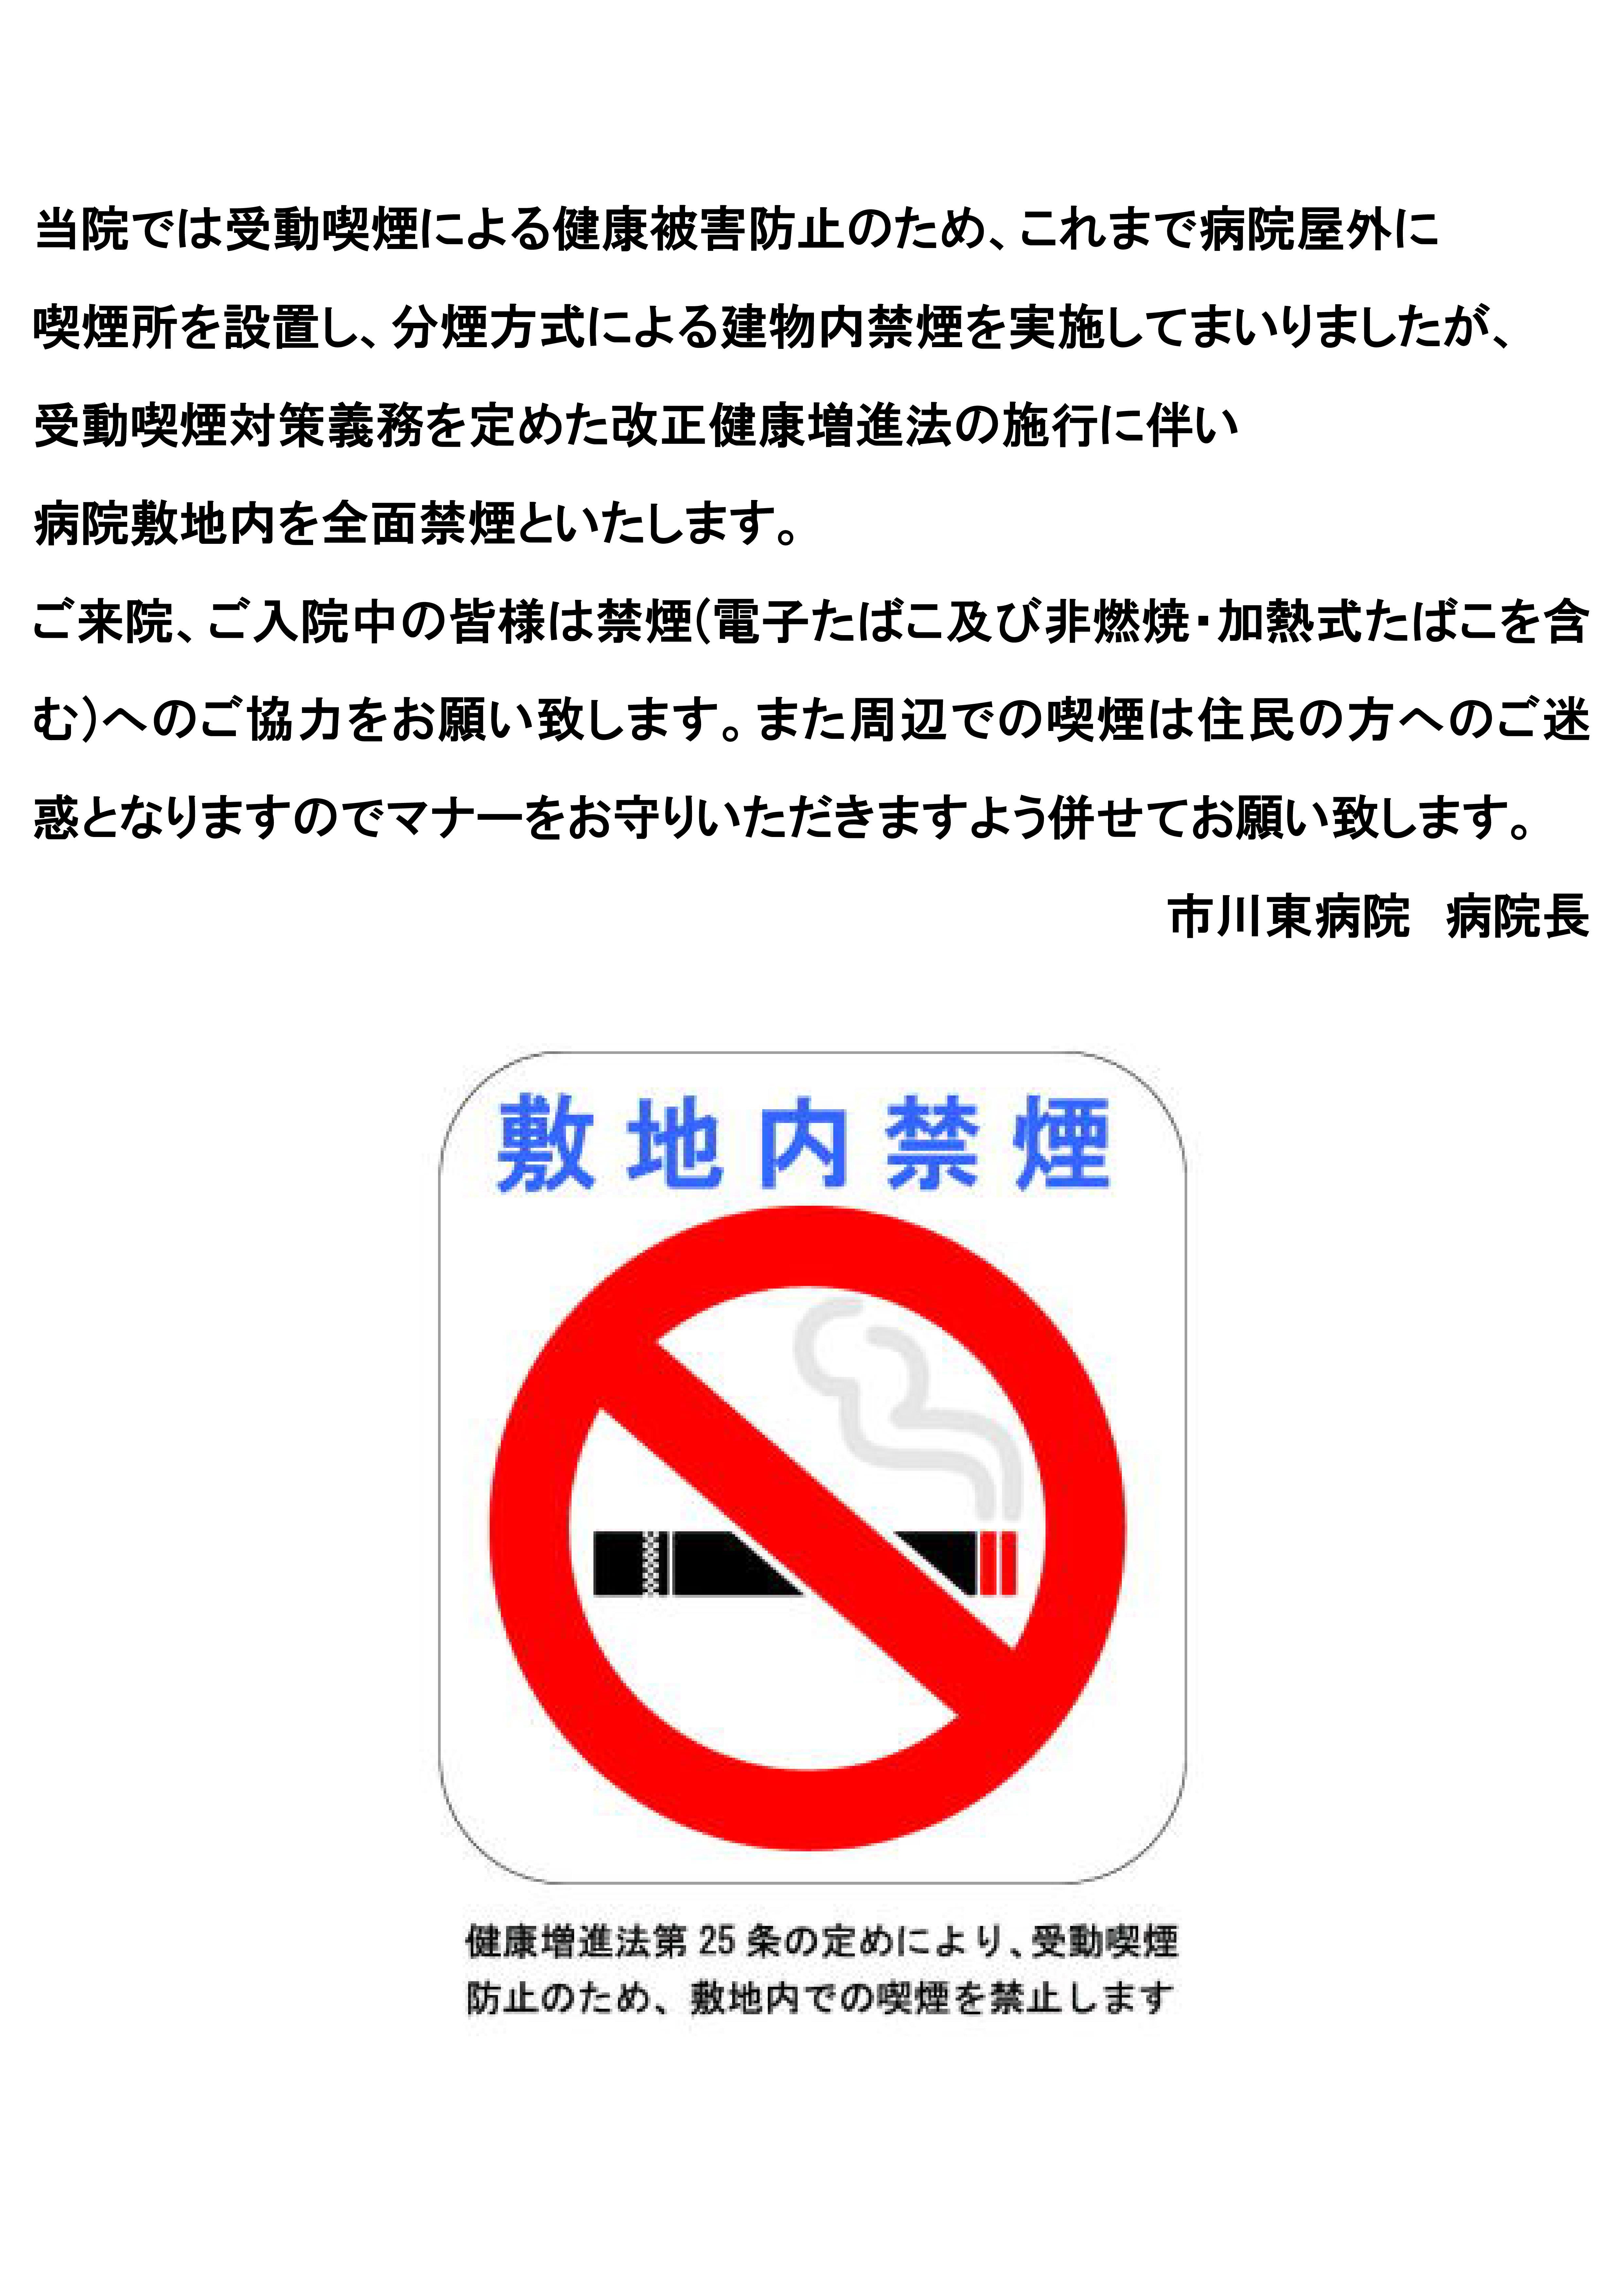 2019年10月1日(火)~敷地内全面禁煙となります。